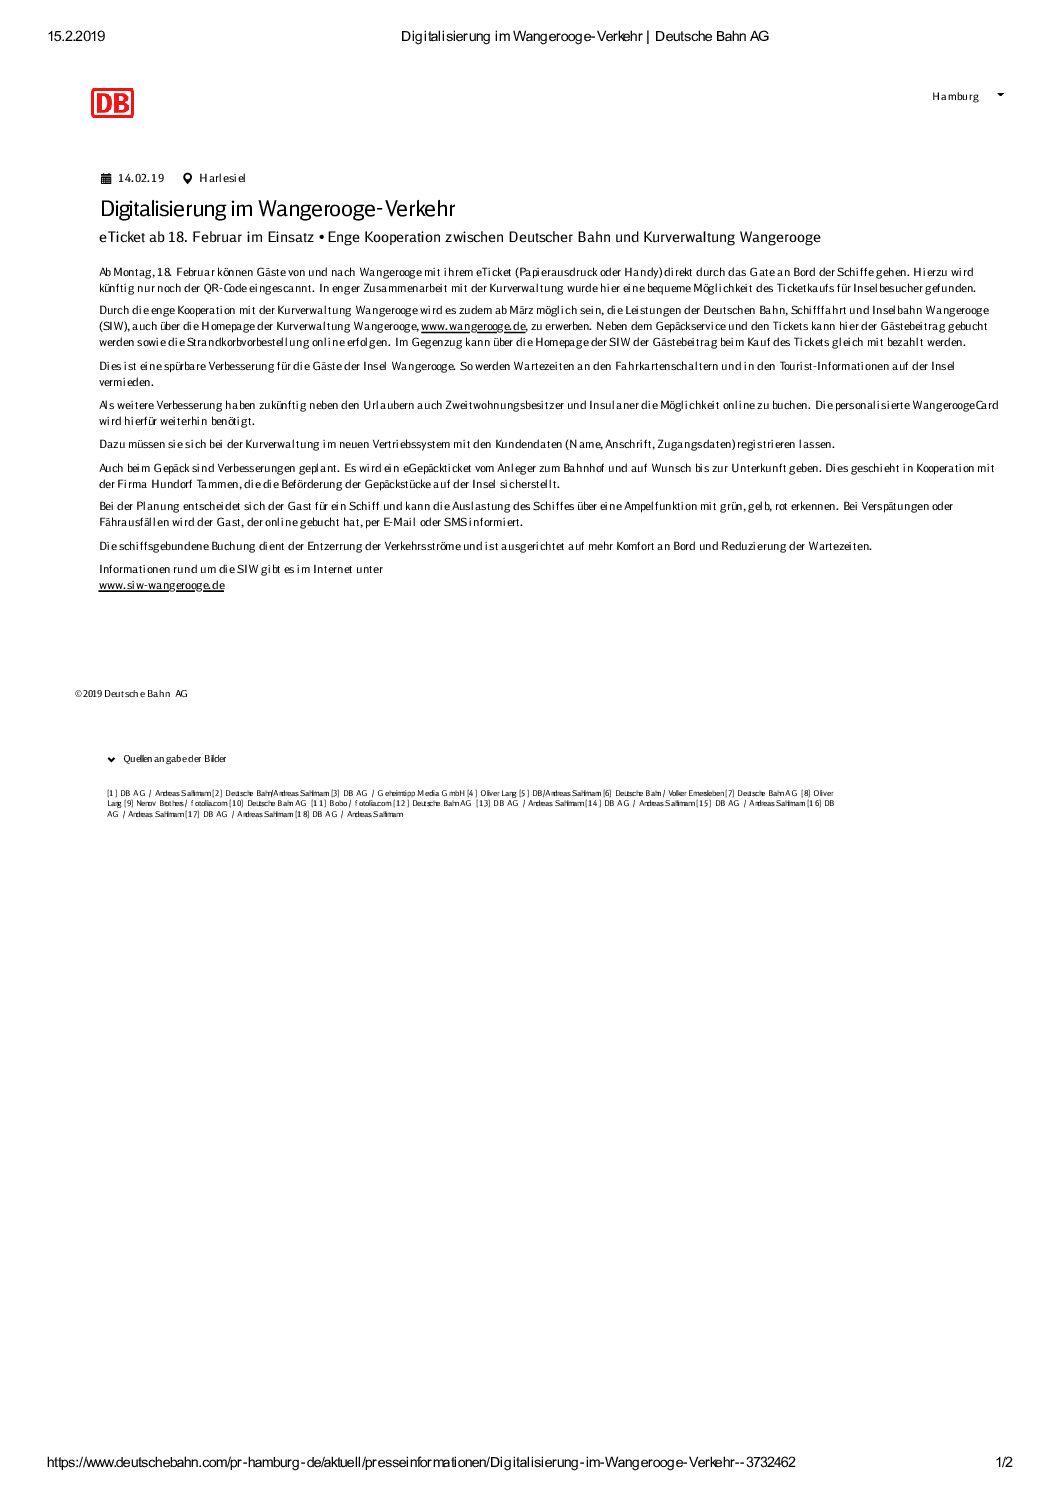 DB/SIW: Ab 18.02.2019 Digitalisierung im Wangeroogeverkehr